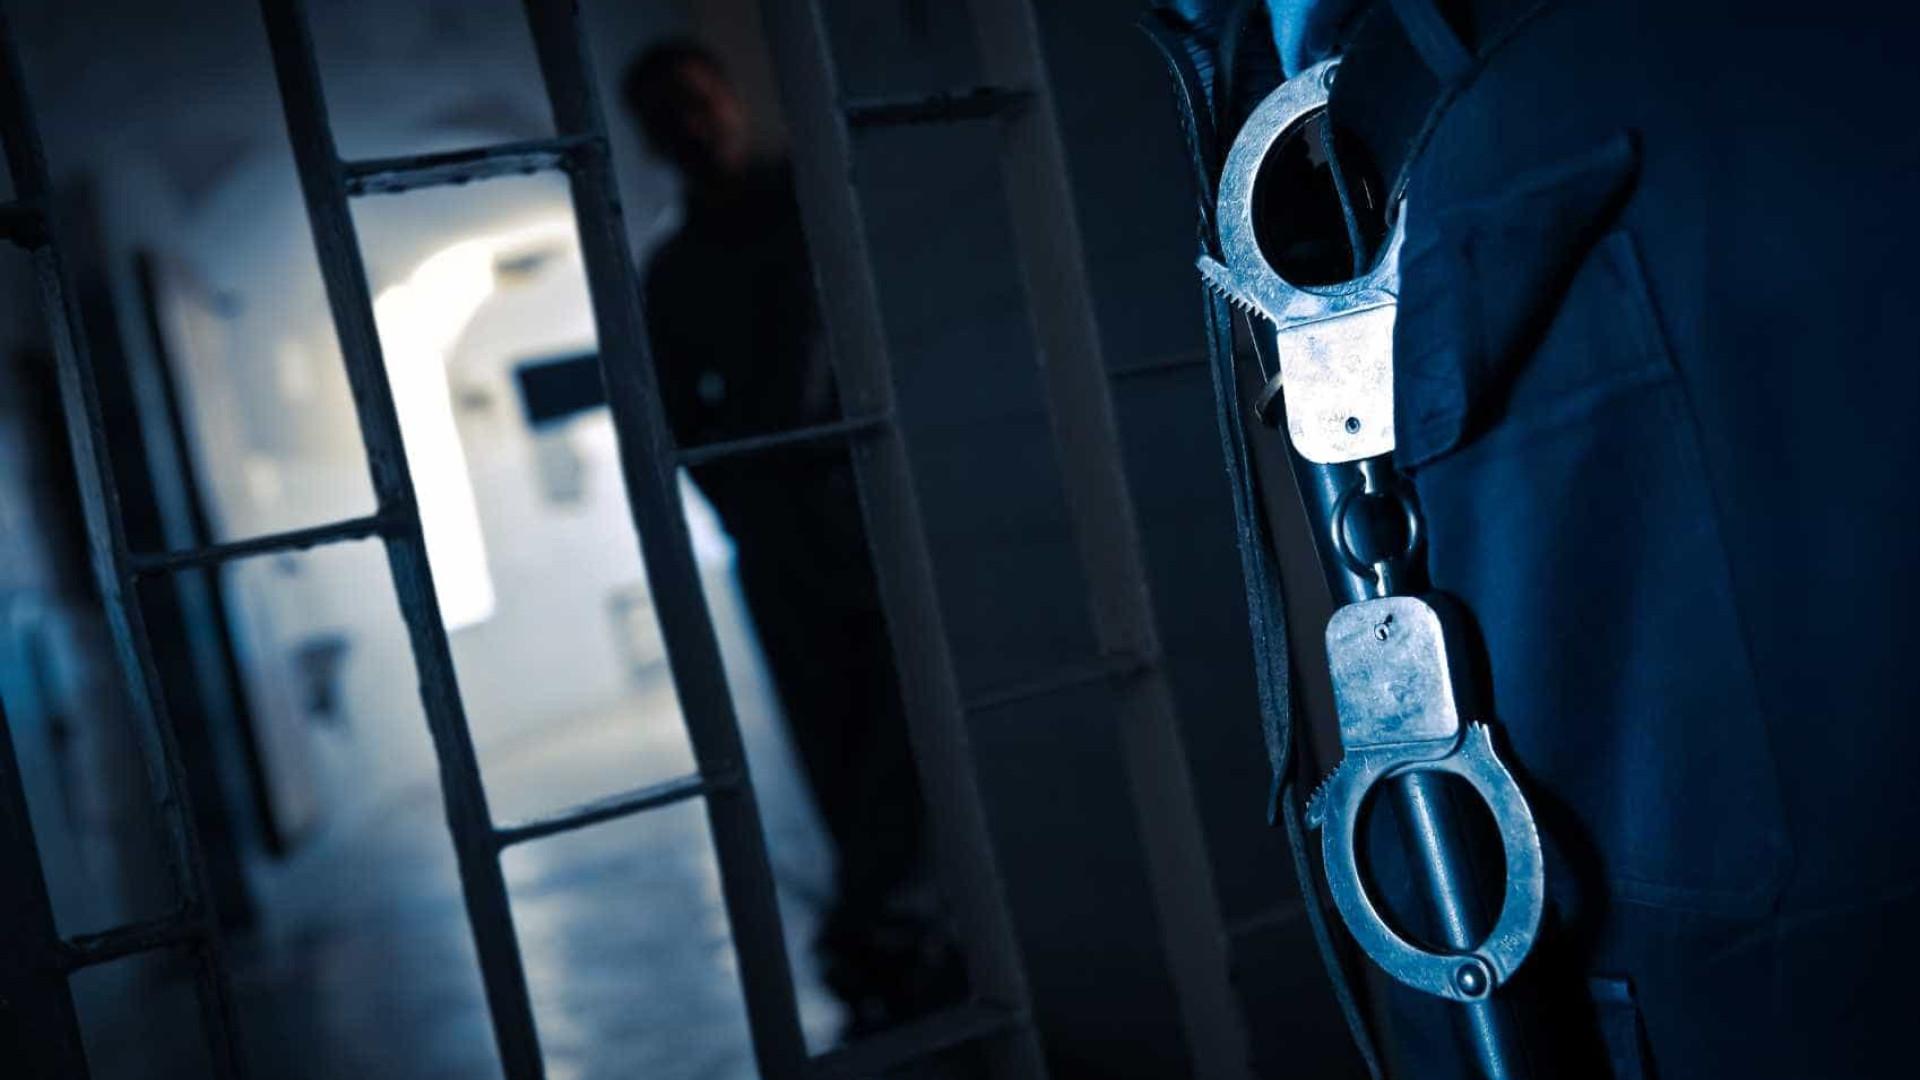 Guarda prisional entre 20 detidos em operação contra tráfico de droga